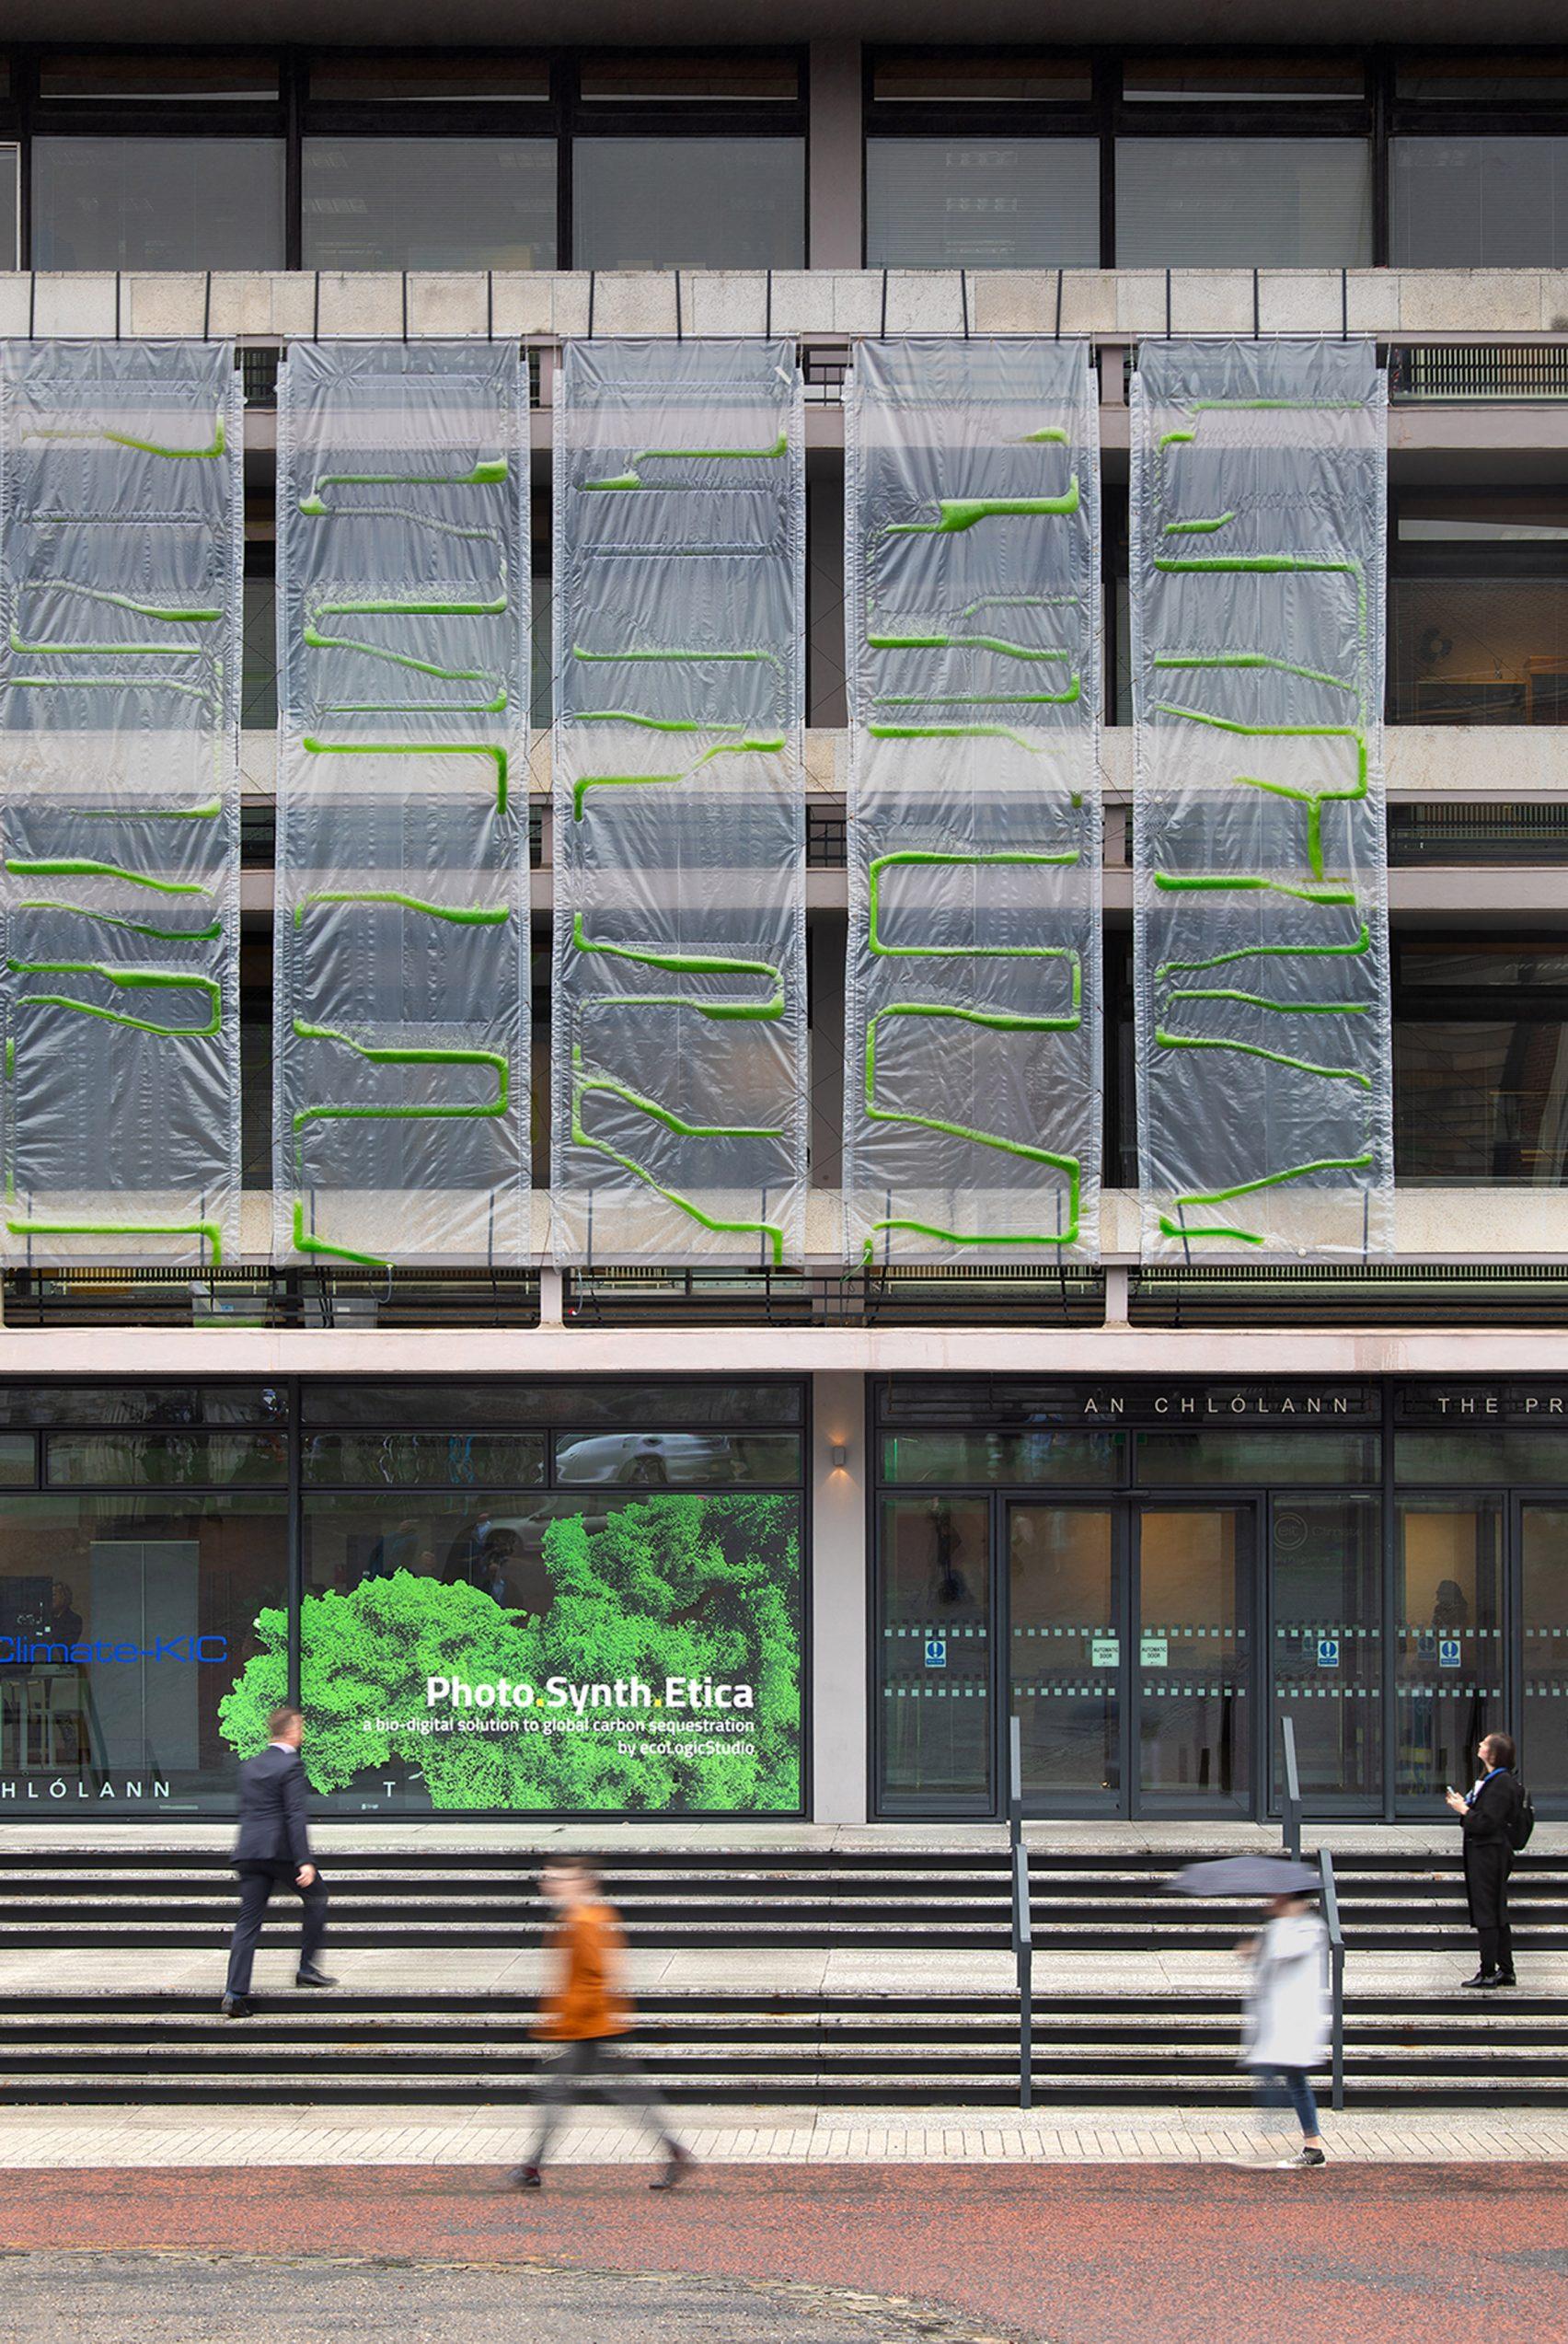 에코로직스튜디오, 조류커튼으로 친환경 건물 만든다